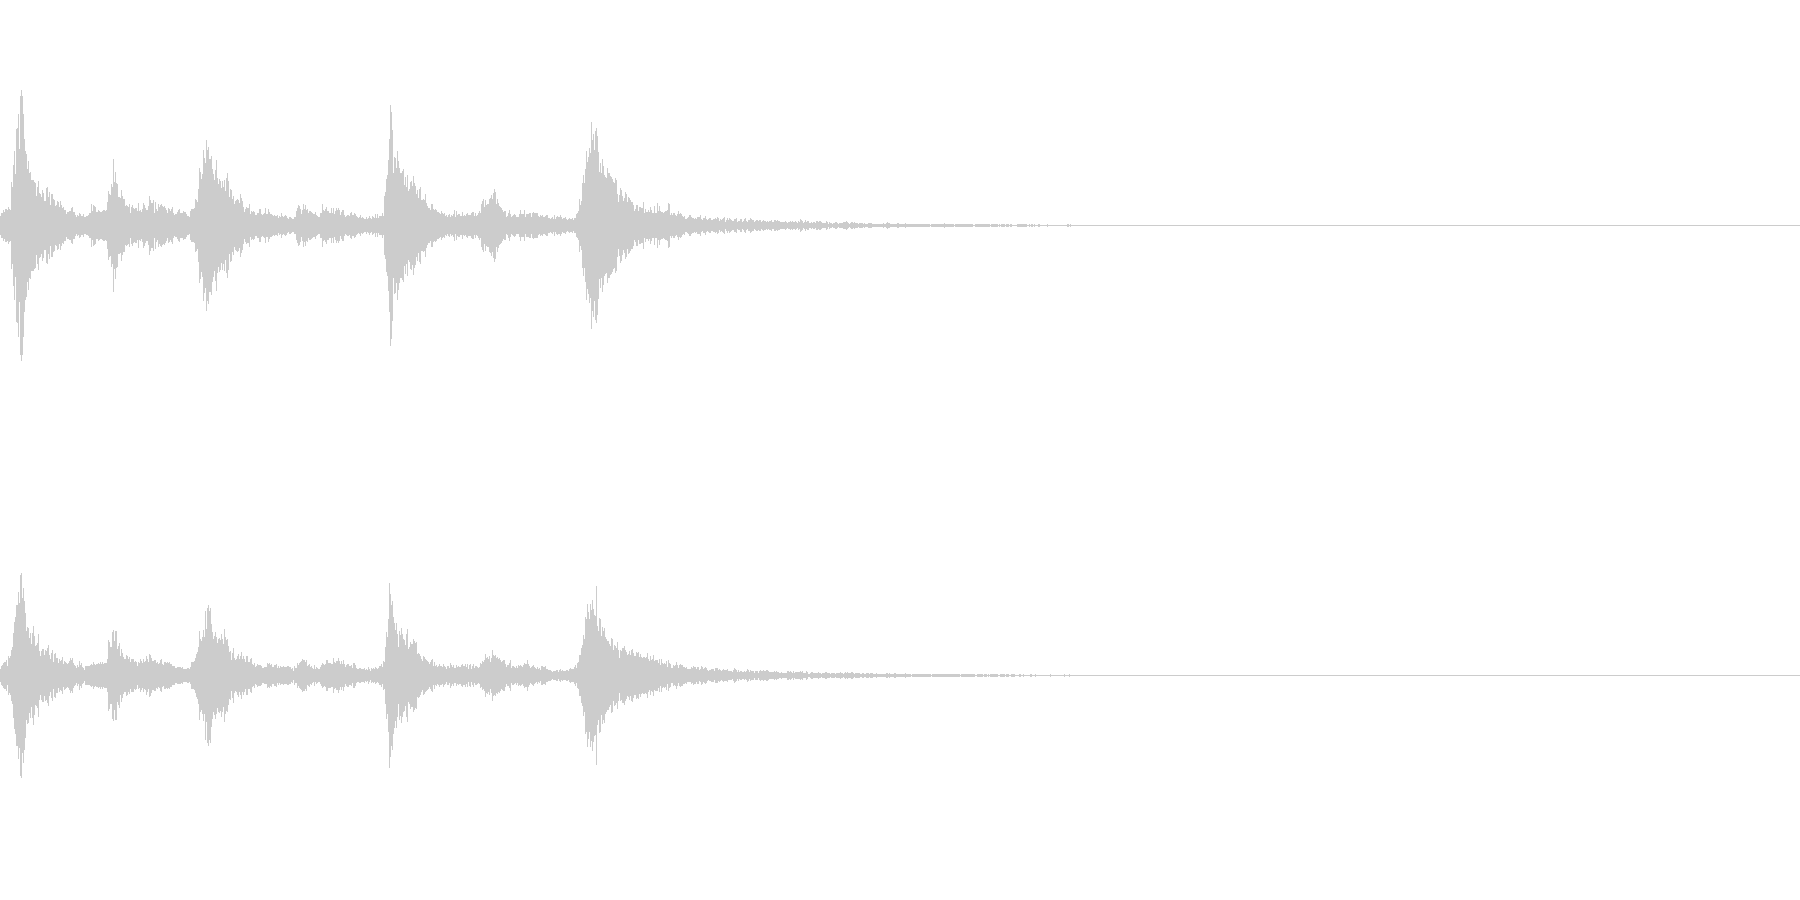 クリスマスのベル、鈴の効果音 ロゴ05の未再生の波形